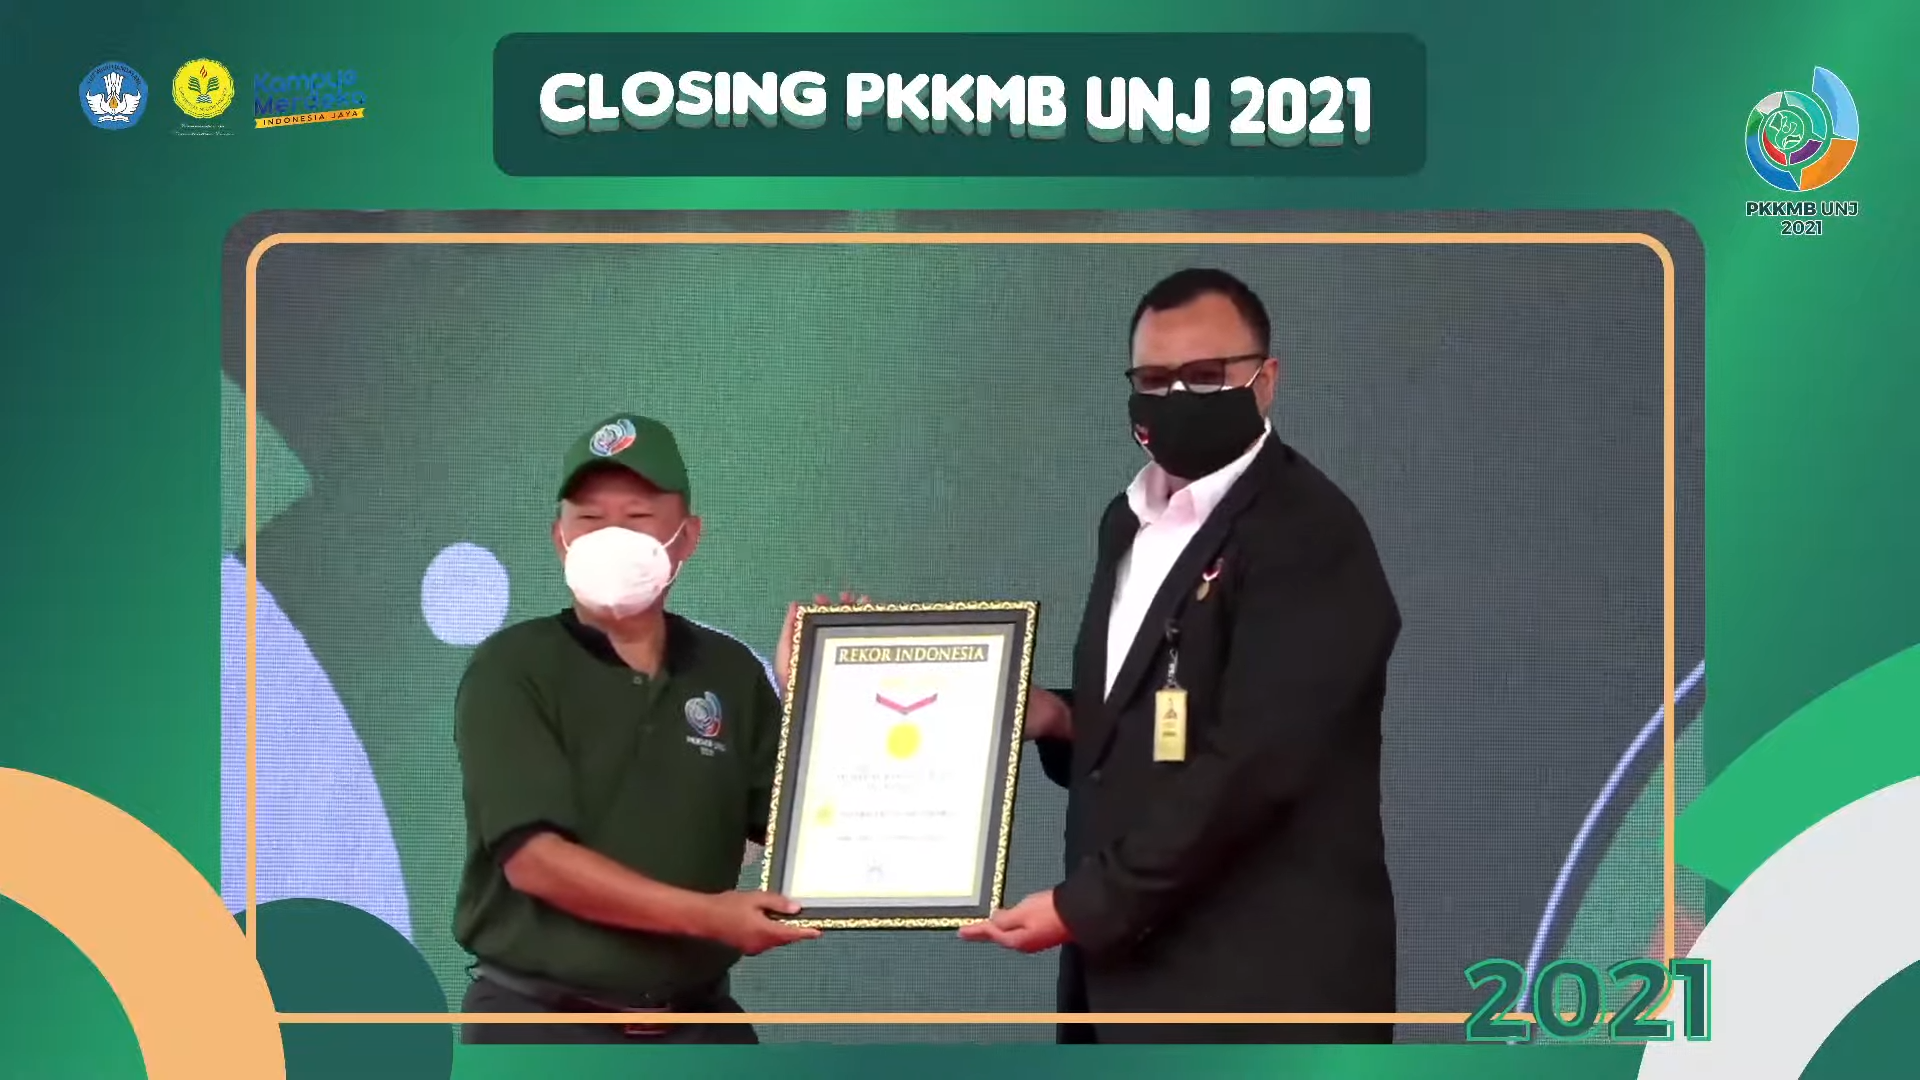 PKKMB 2021 Selesai, UNJ Kembali Meraih Rekor MURI Senam SENSI Virtual Terbanyak di Indonesia